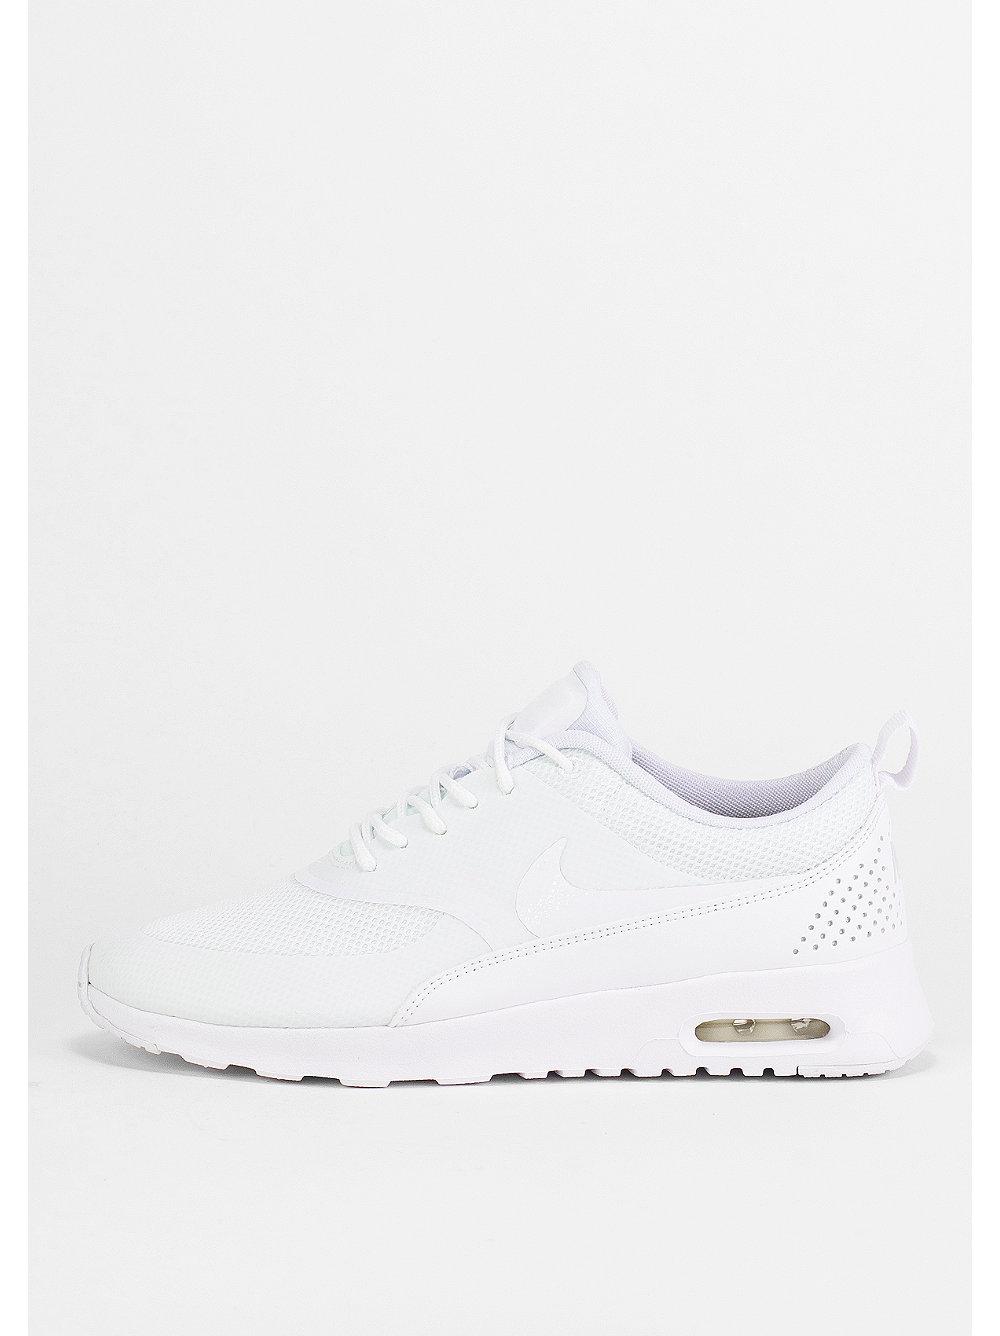 Nike Air Max Damen Snipes